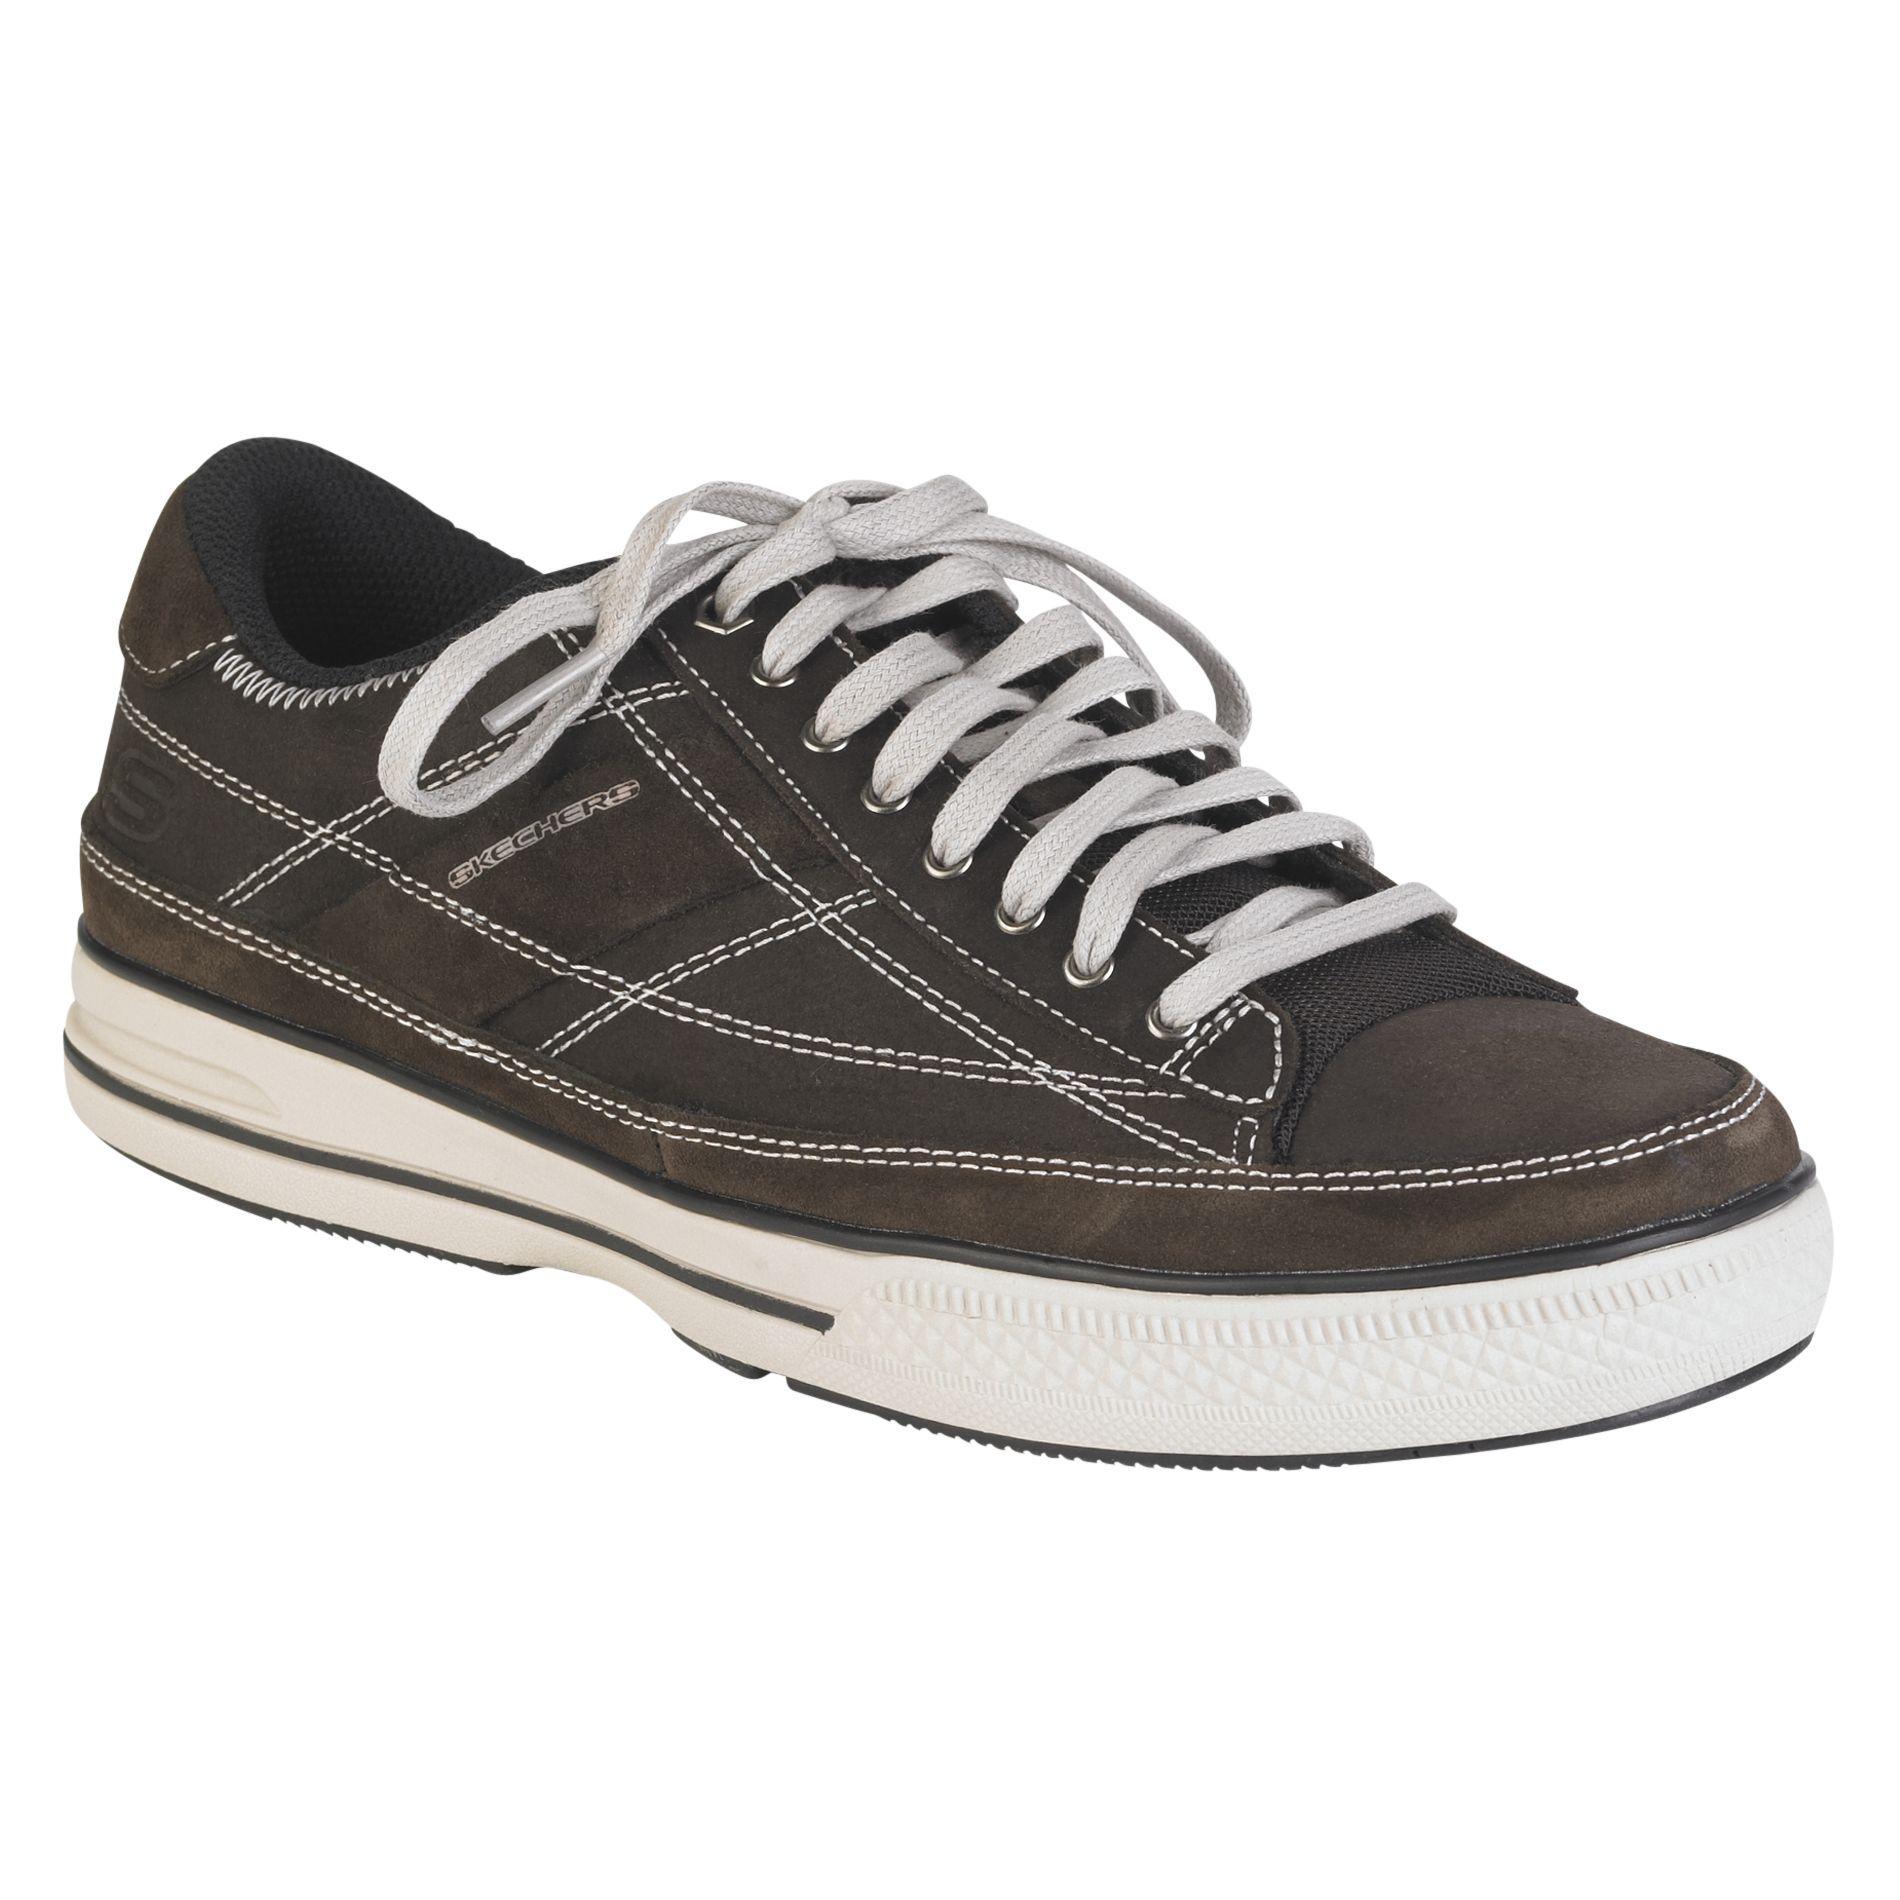 Skechers Men's Arcade Casual Shoe - Brown